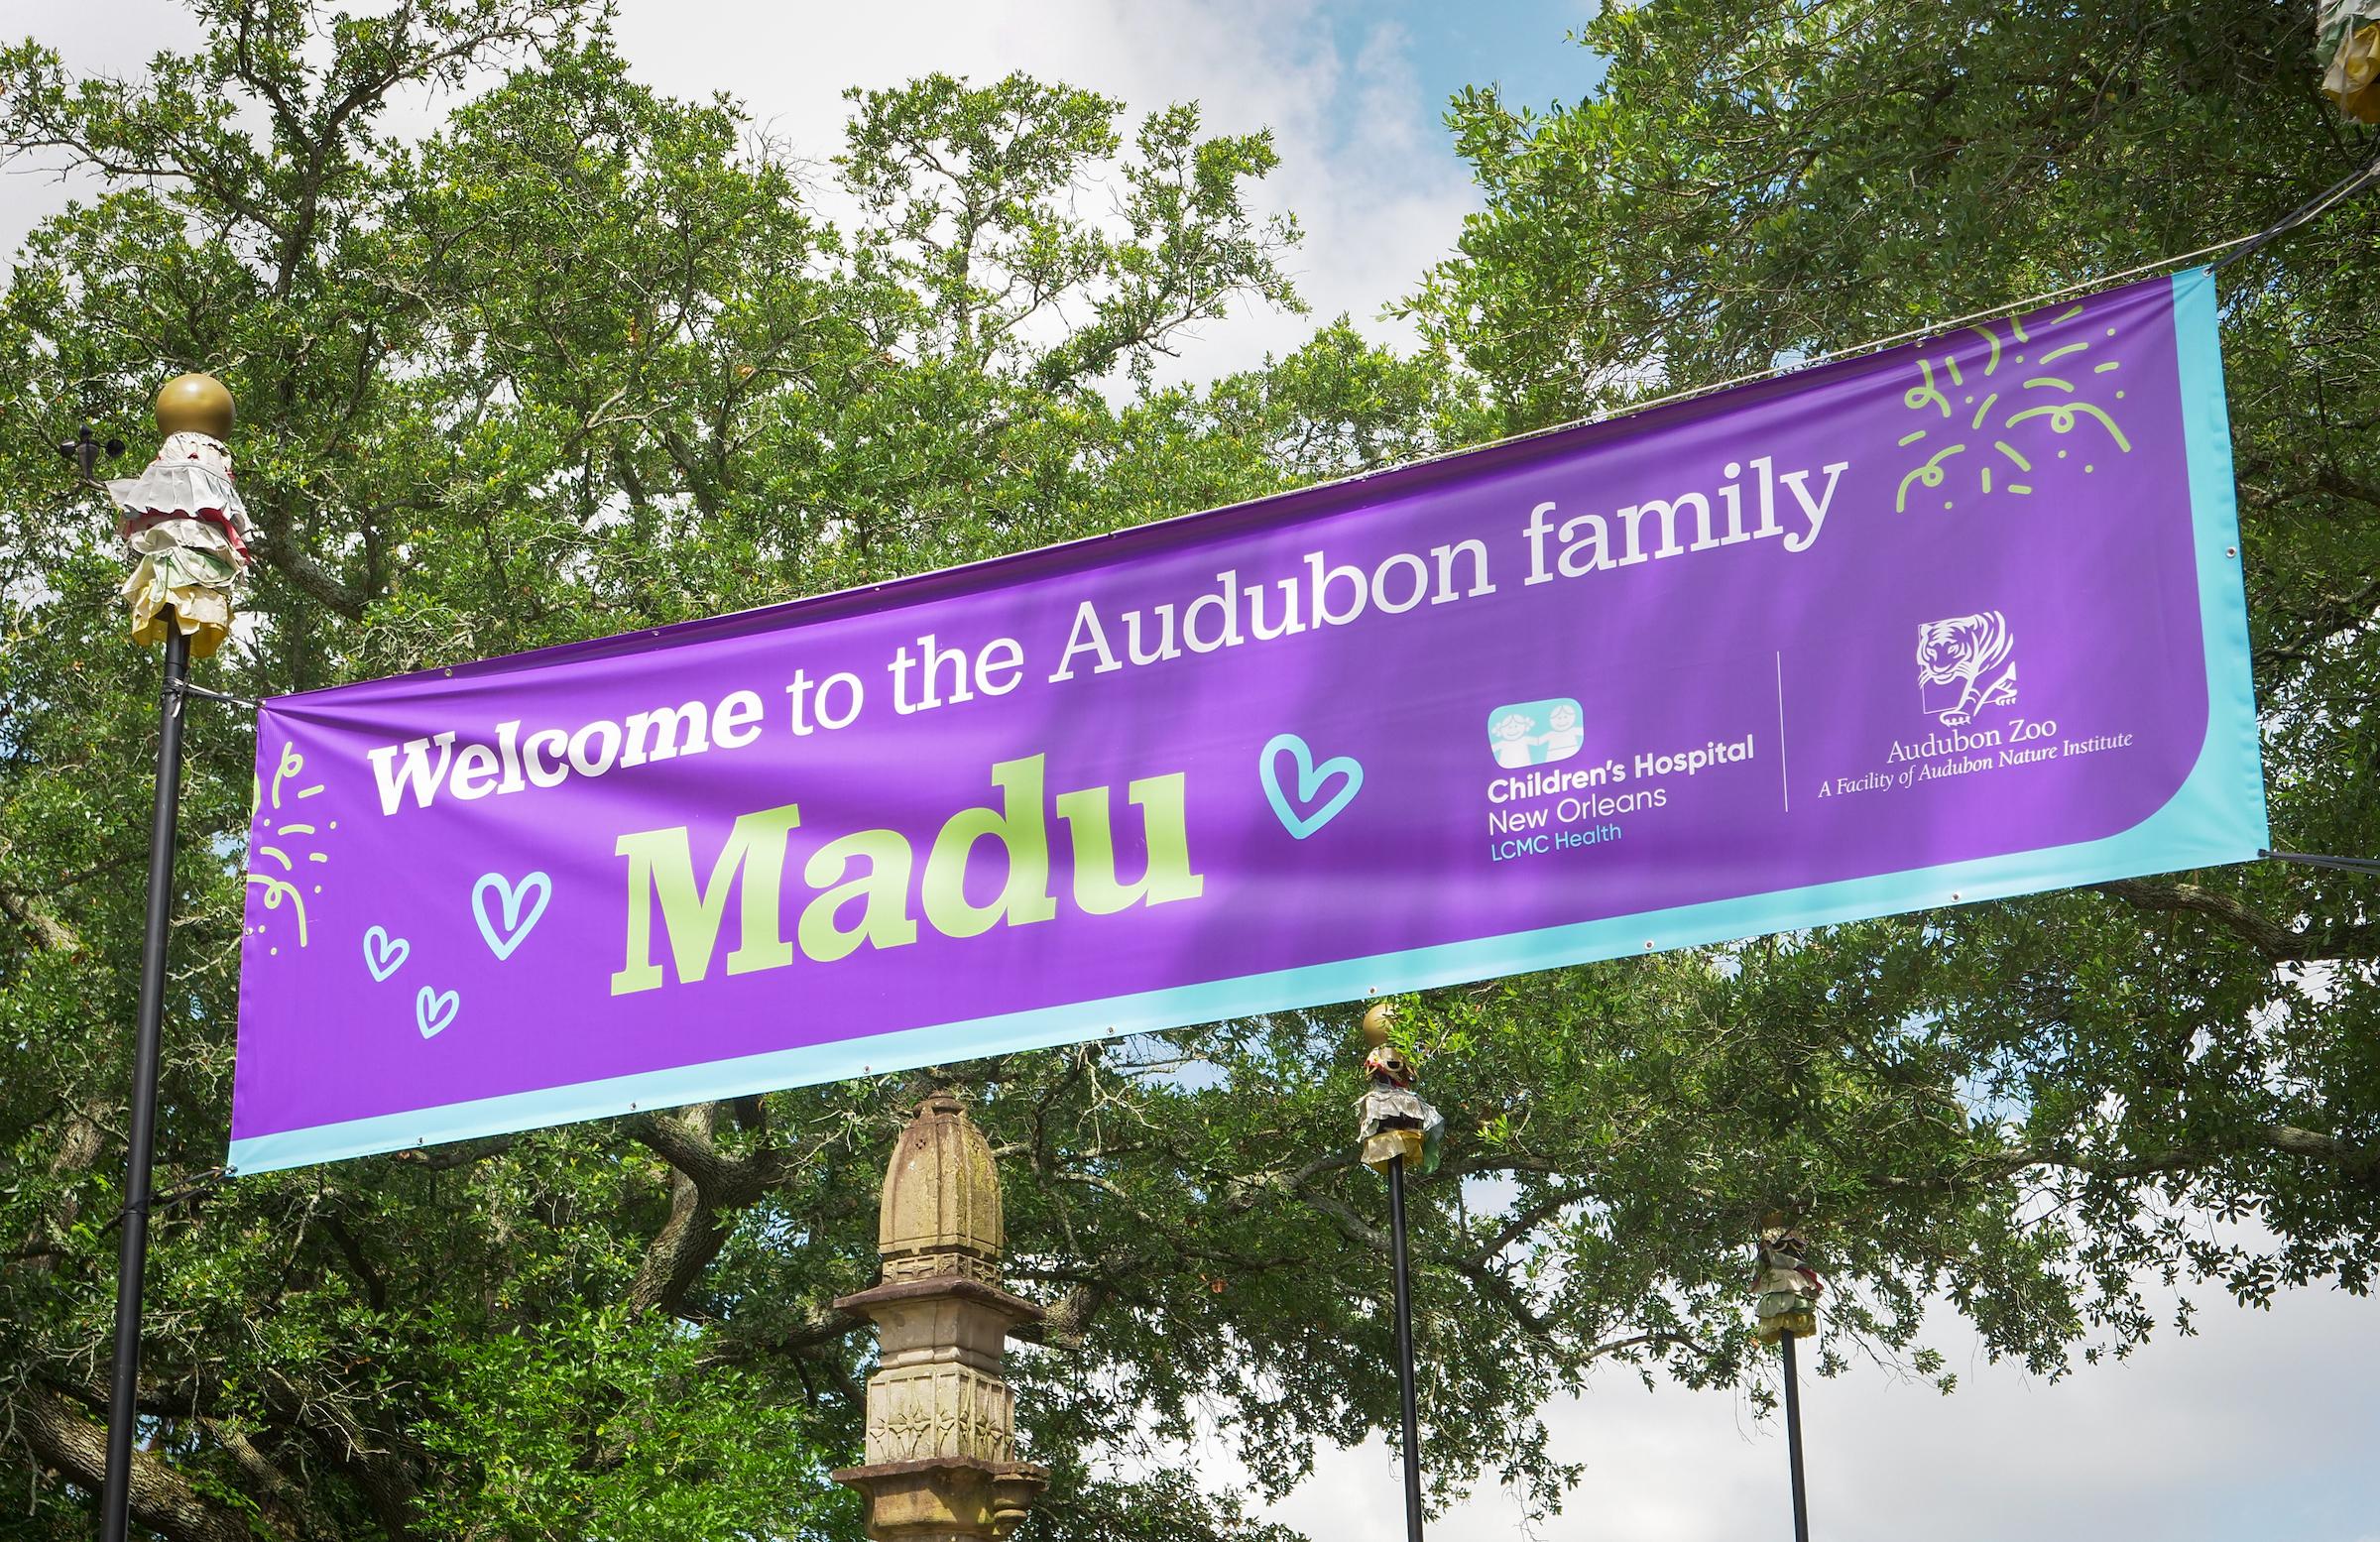 Patients at Children's Hospital New Orleans Name Audubon Zoo's Infant Orangutan